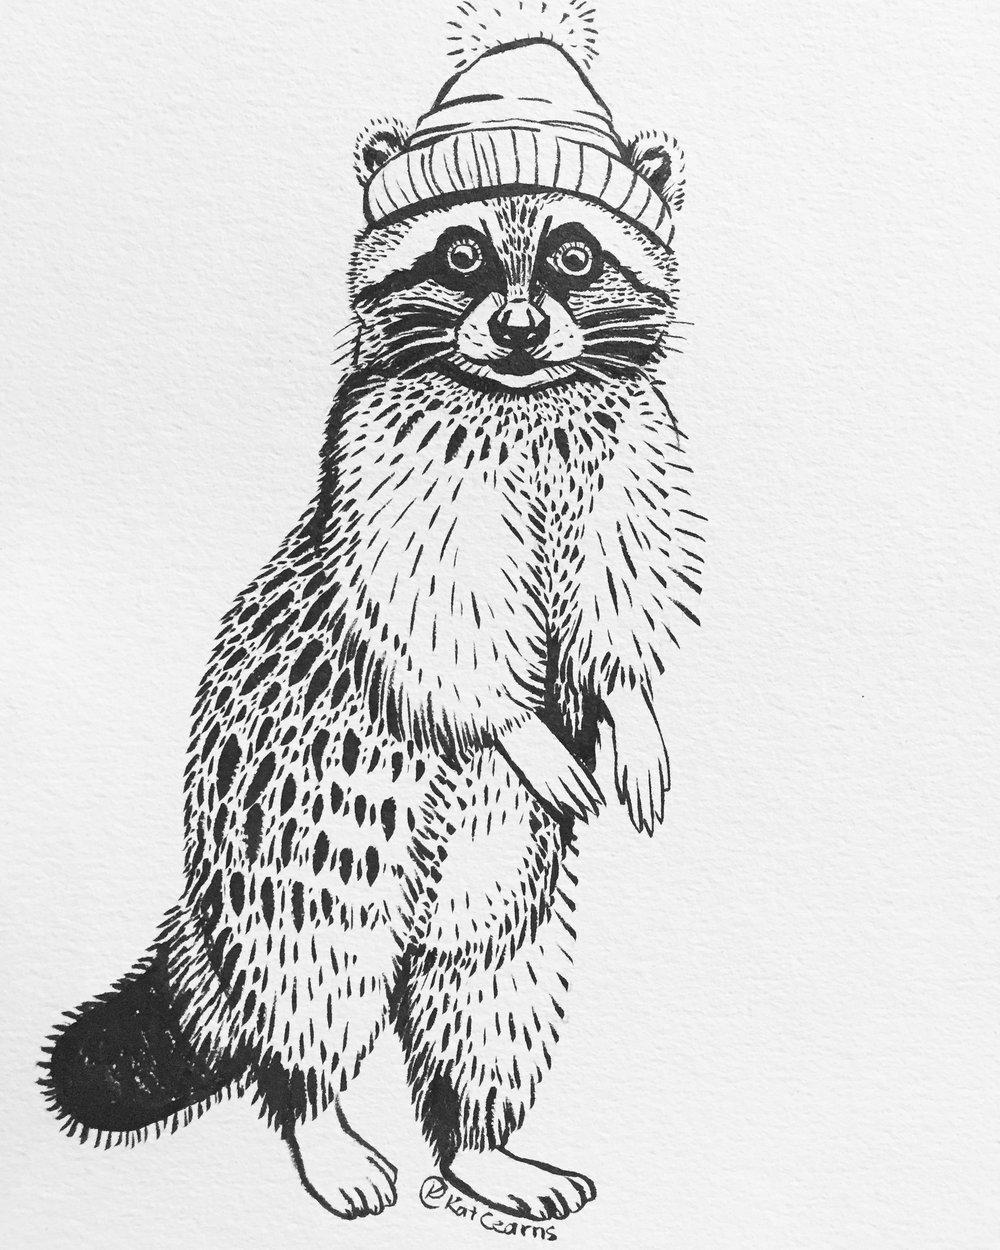 Rad Raccoon